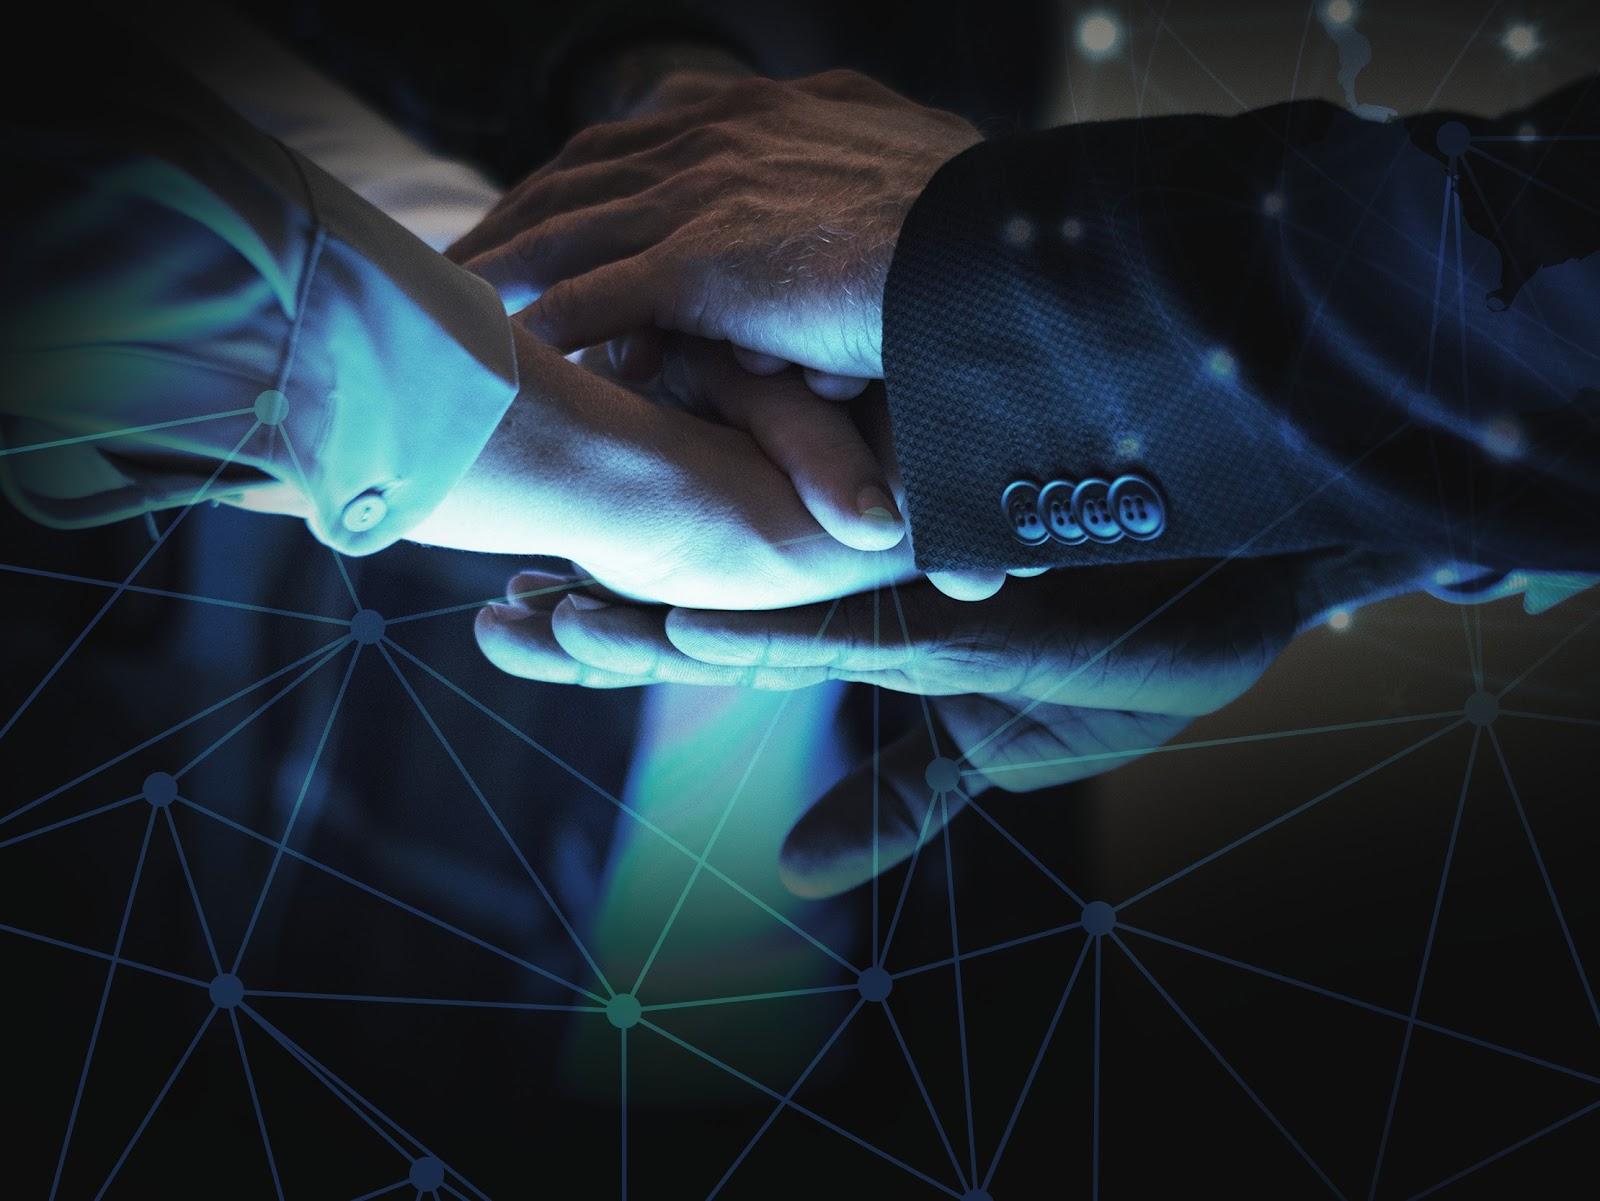 Imagem de 3 mãos sobrepostas, mostrando a importância da conexão via networking por meio do microsoft azure.